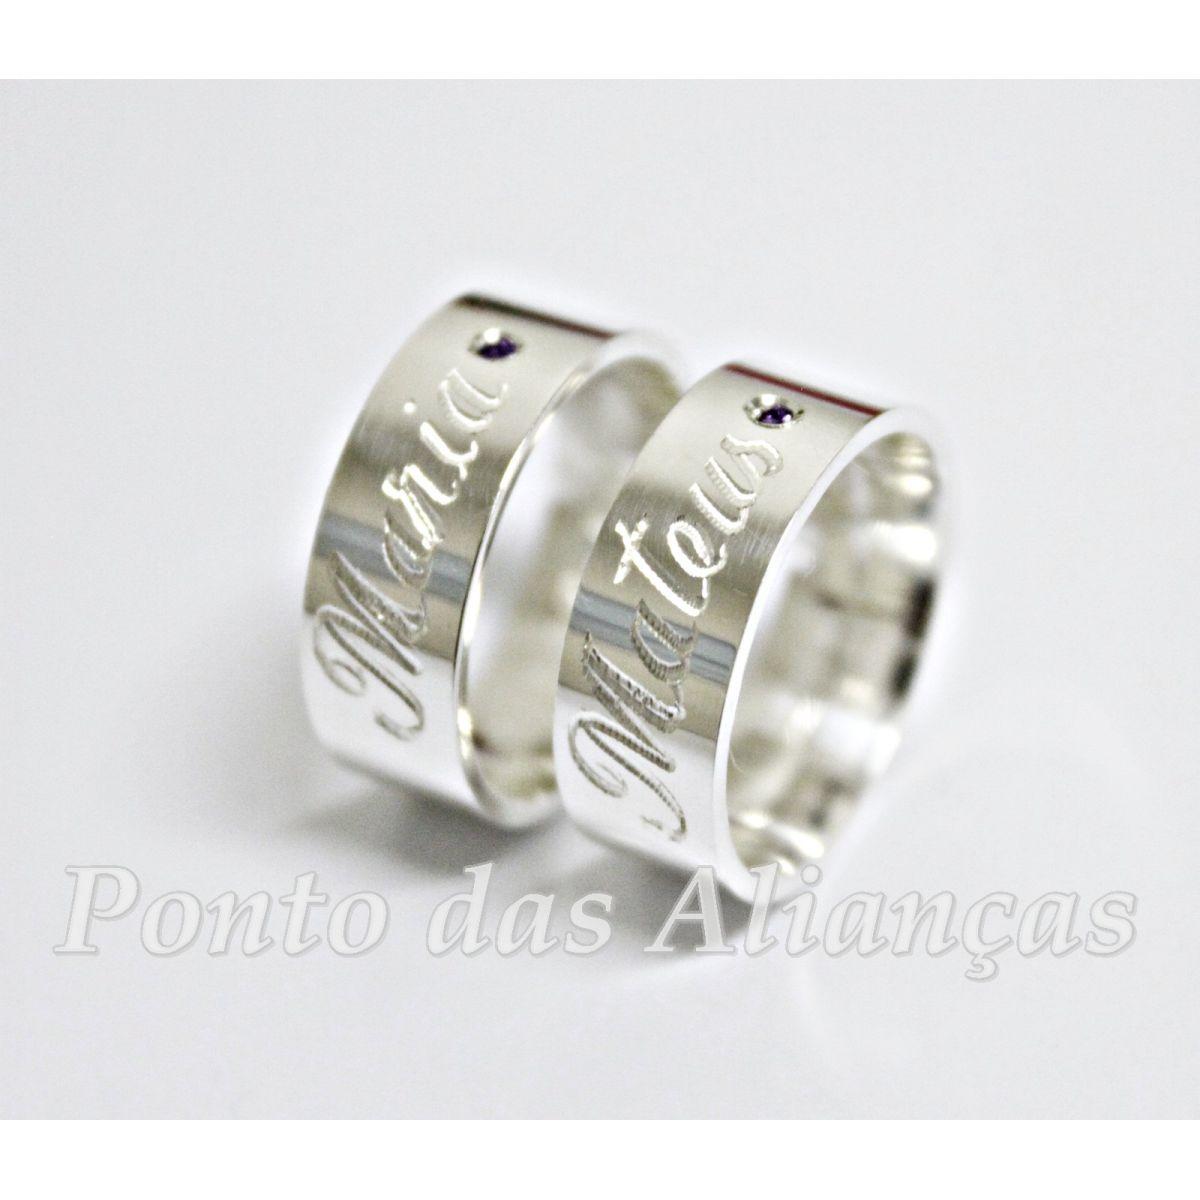 Alianças de Prata Compromisso - 3015